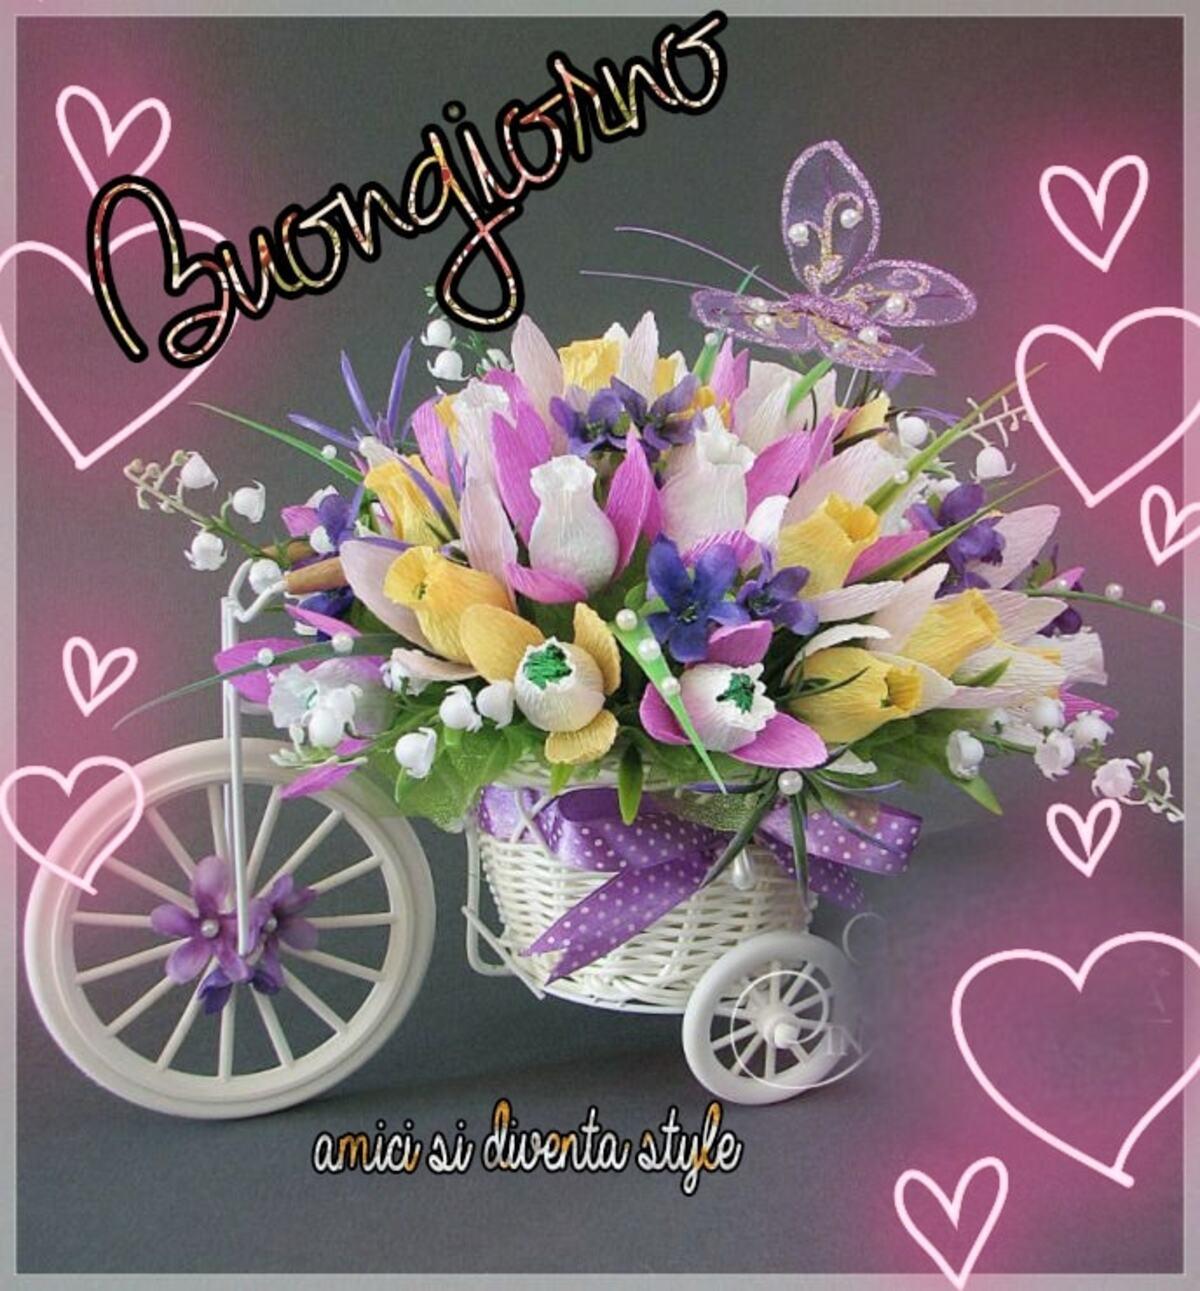 Buongiorno carriola con i fiori